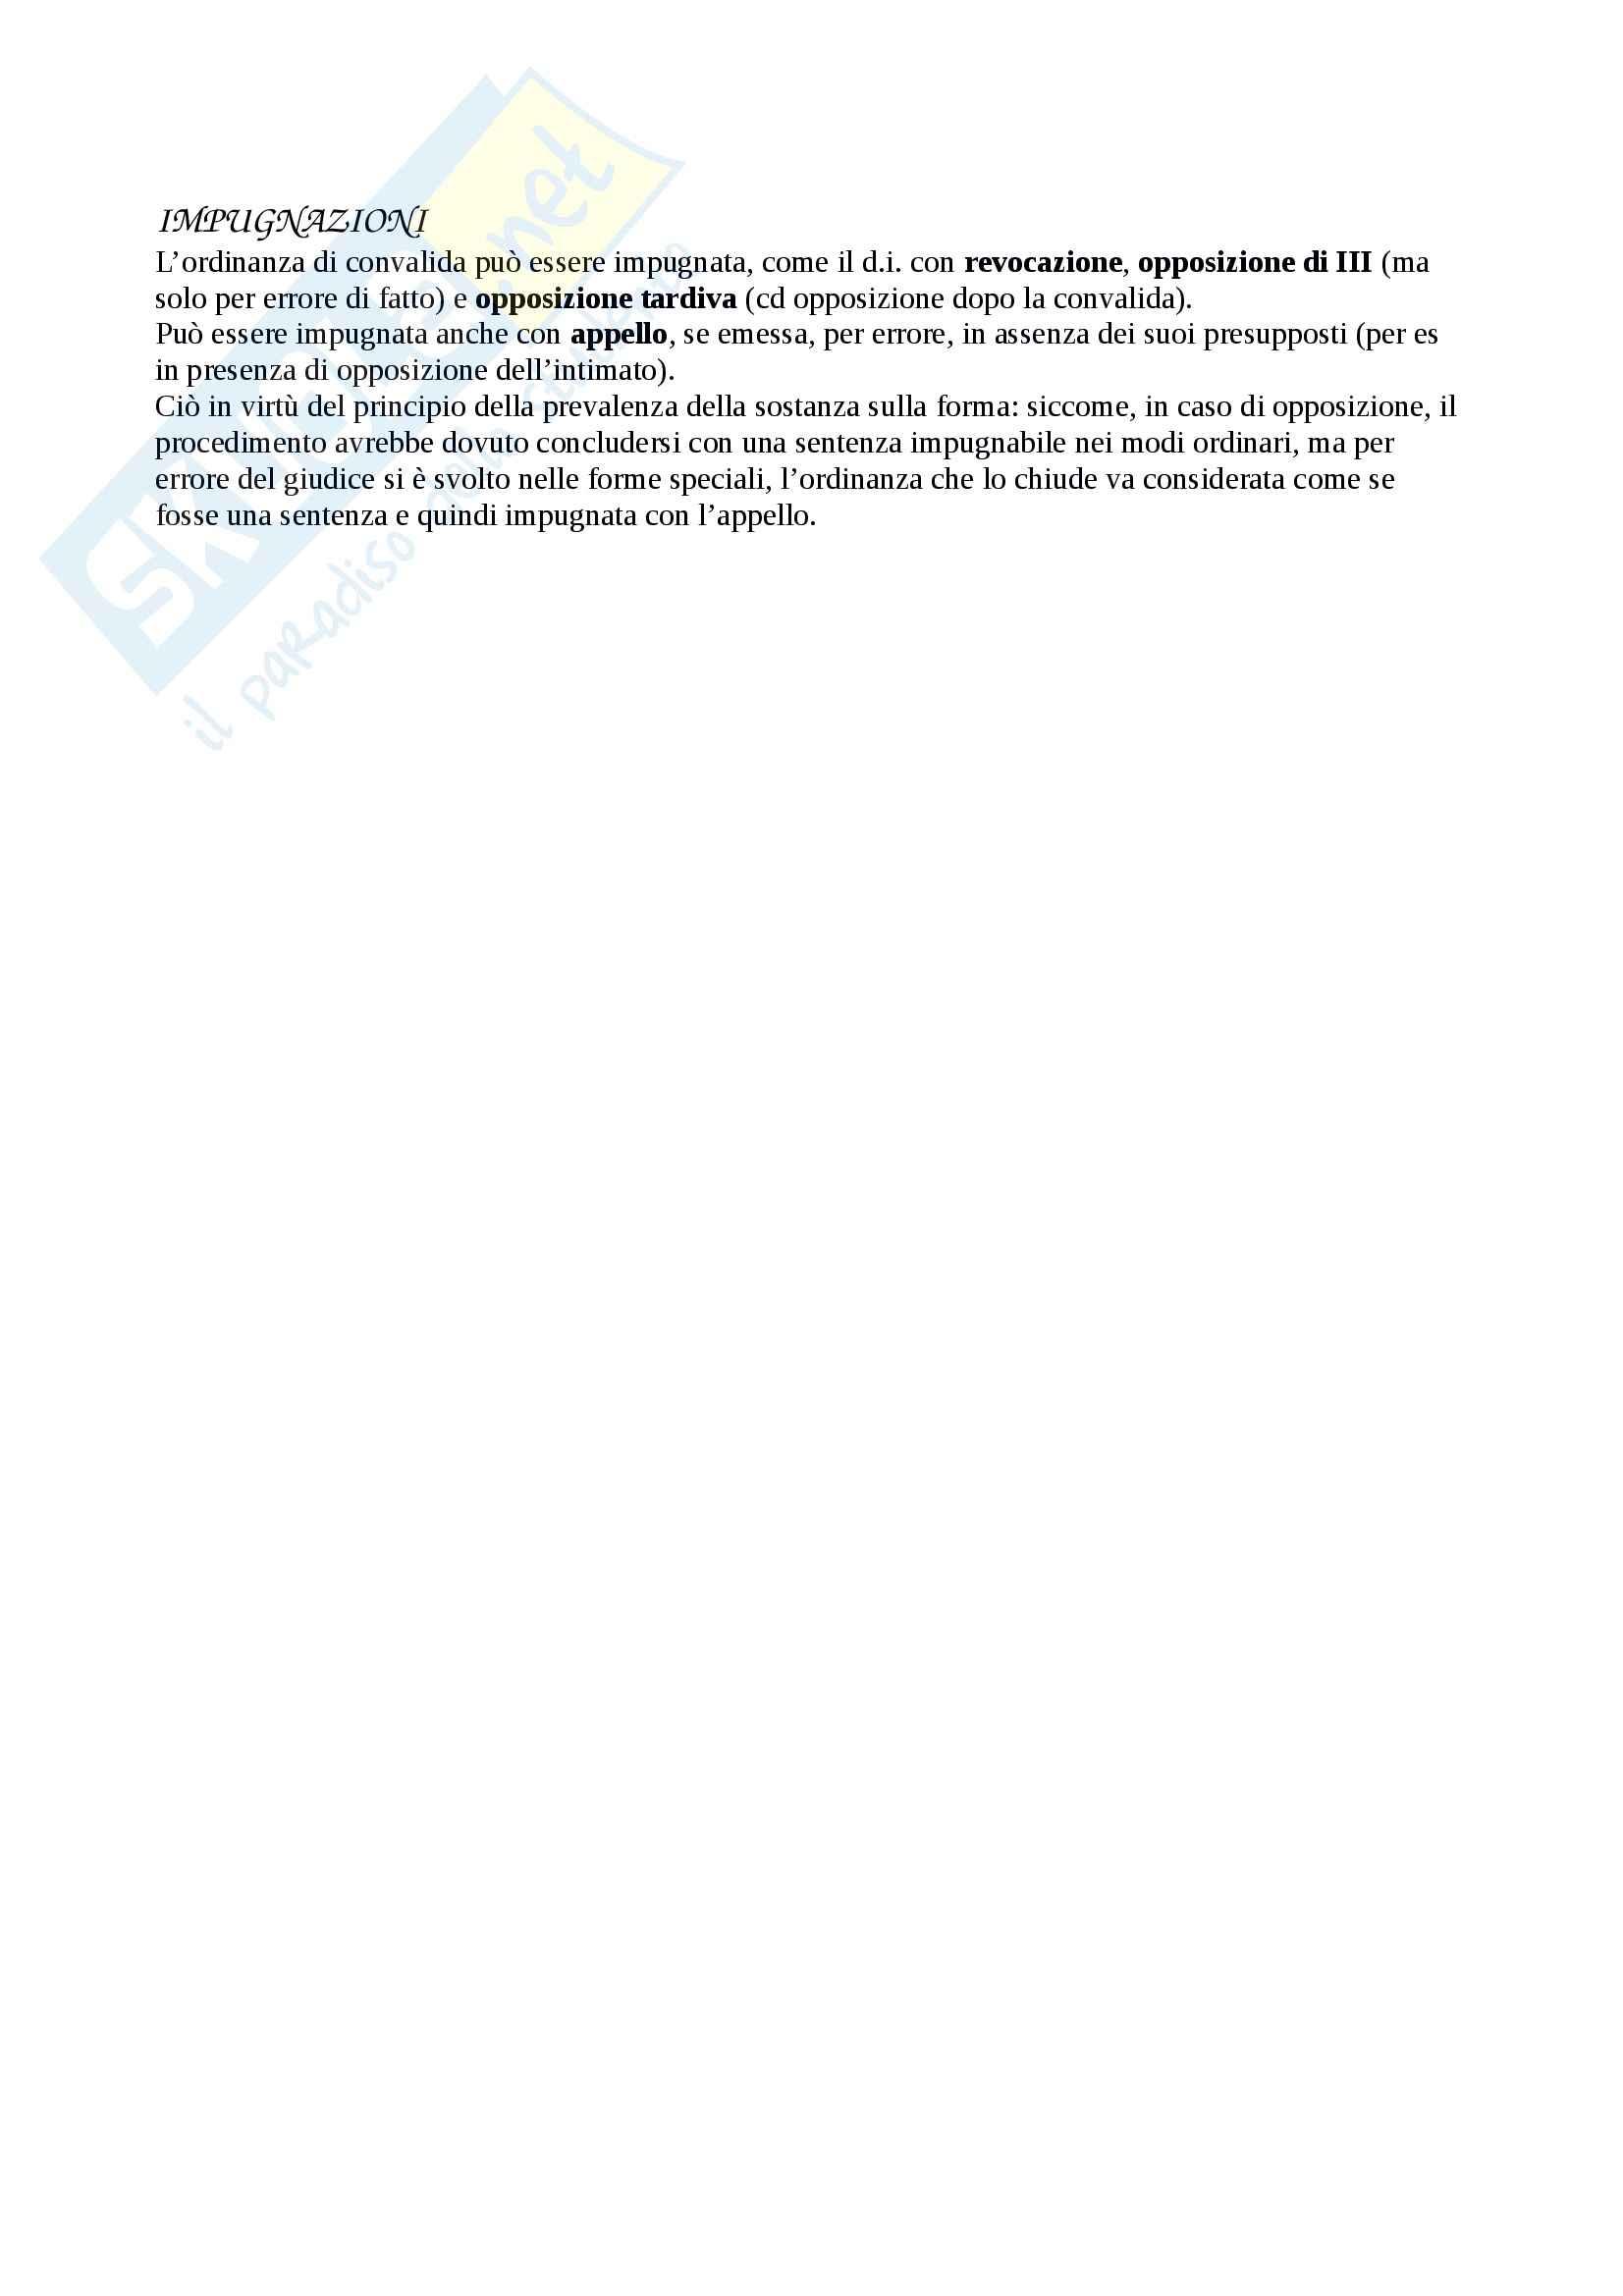 Riassunto esame Diritto Processuale Civile, prof. Sassani, libro consigliato Lineamenti del Processo Civile Italiano Pag. 136